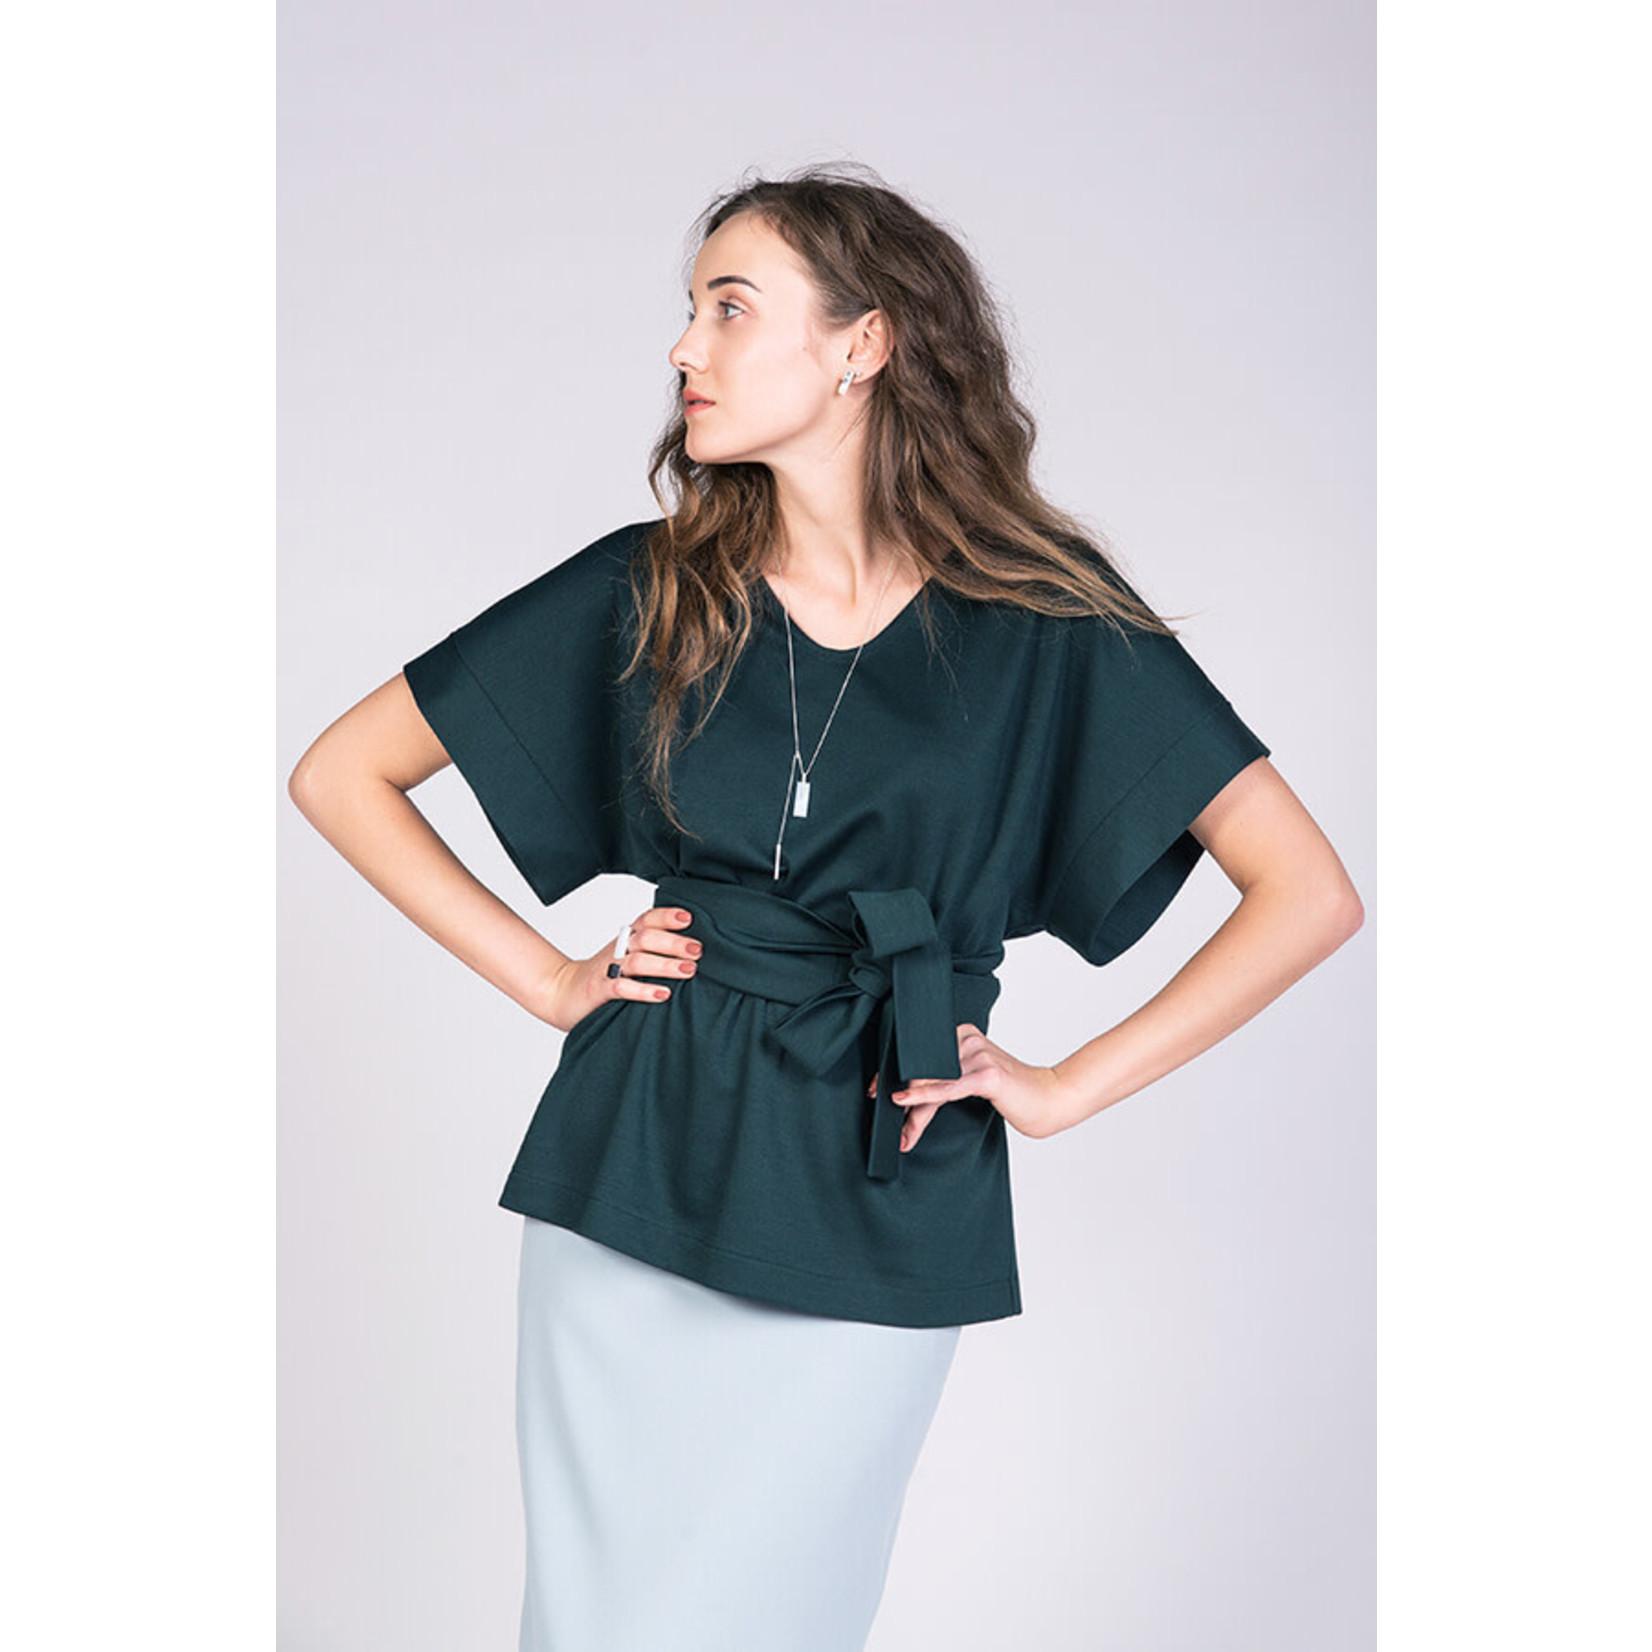 Named Clothing Sointu Tee Pattern 0-18